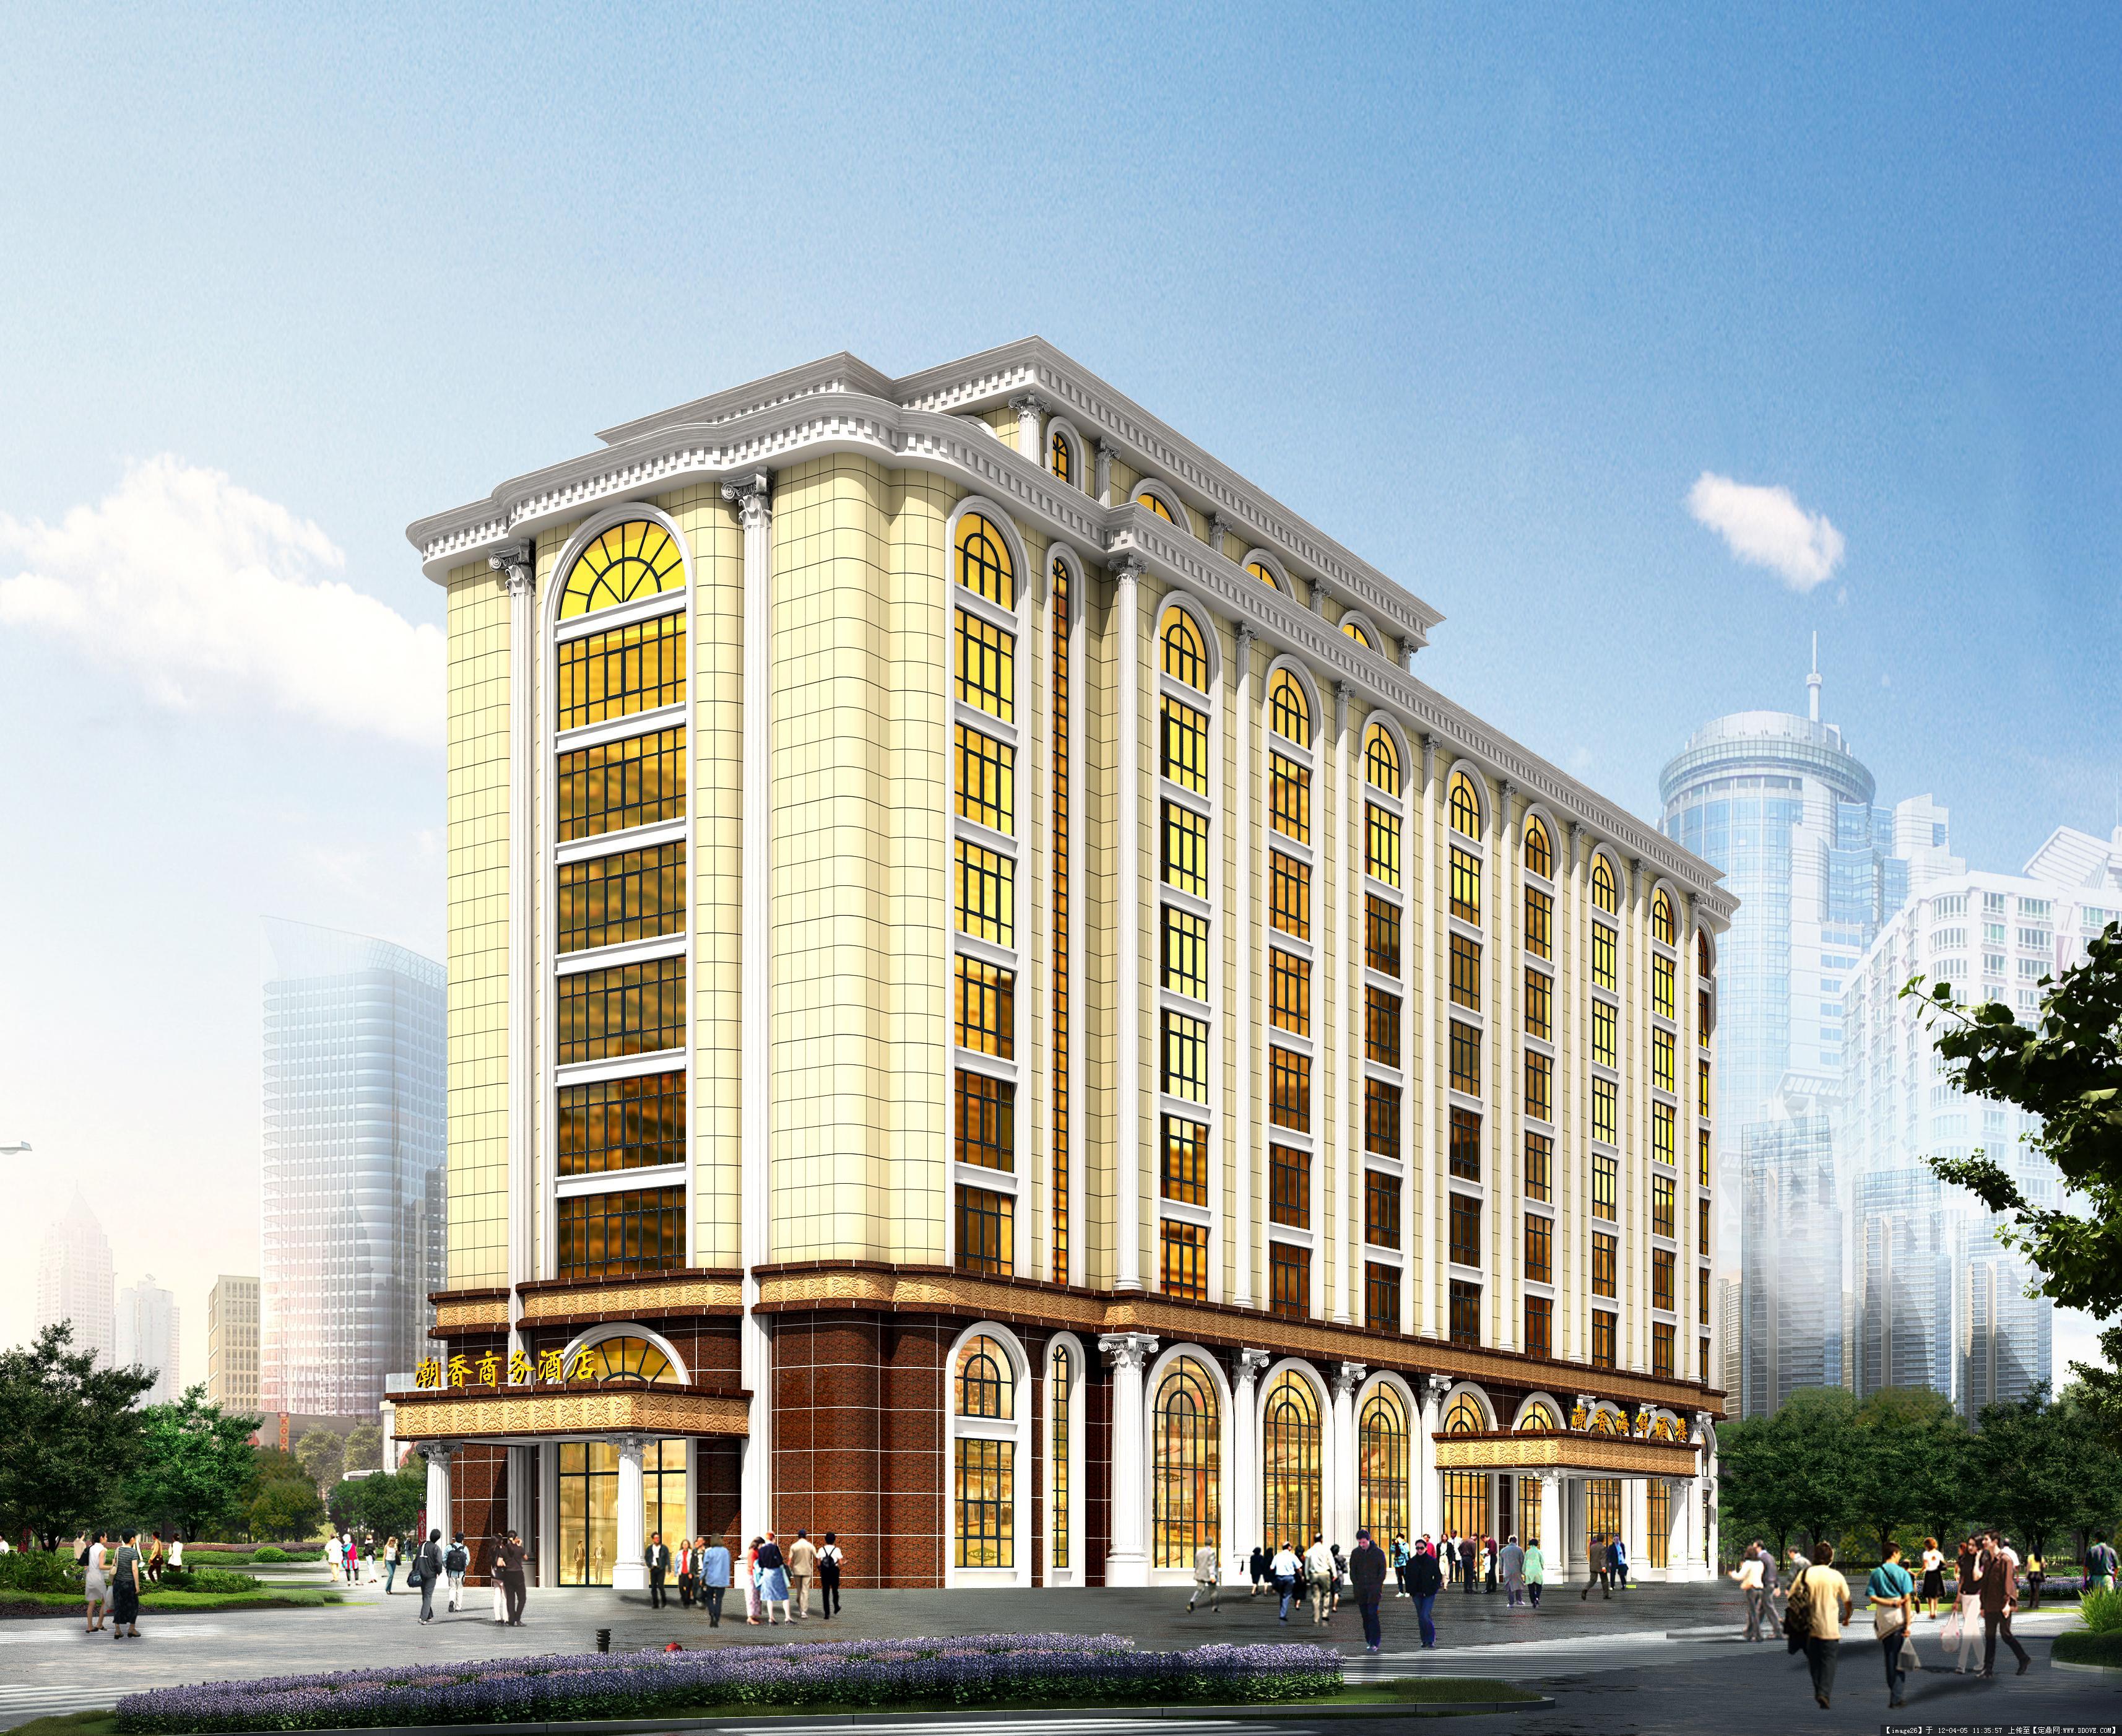 某酒店外观设计图的图片浏览,建筑效果图,公共建筑图